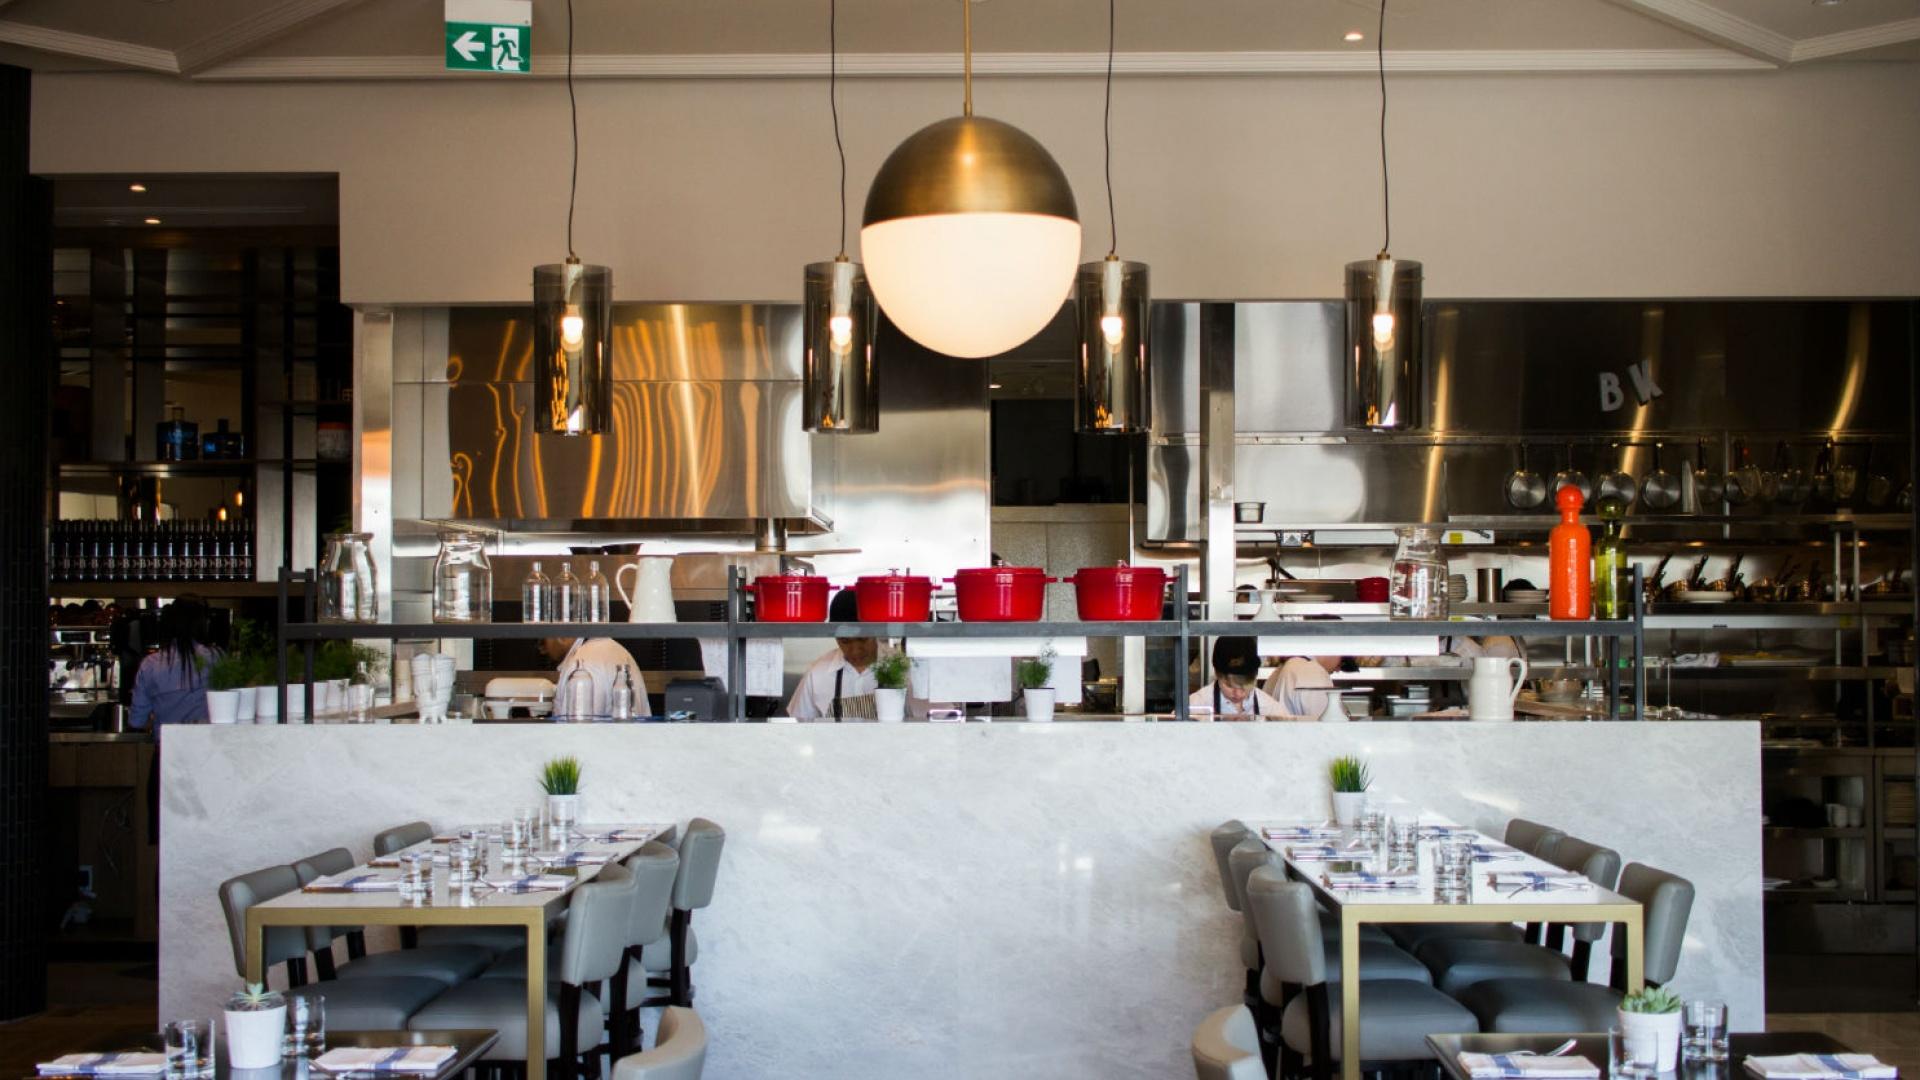 Beaumont Kitchen's Lamb Bolognese